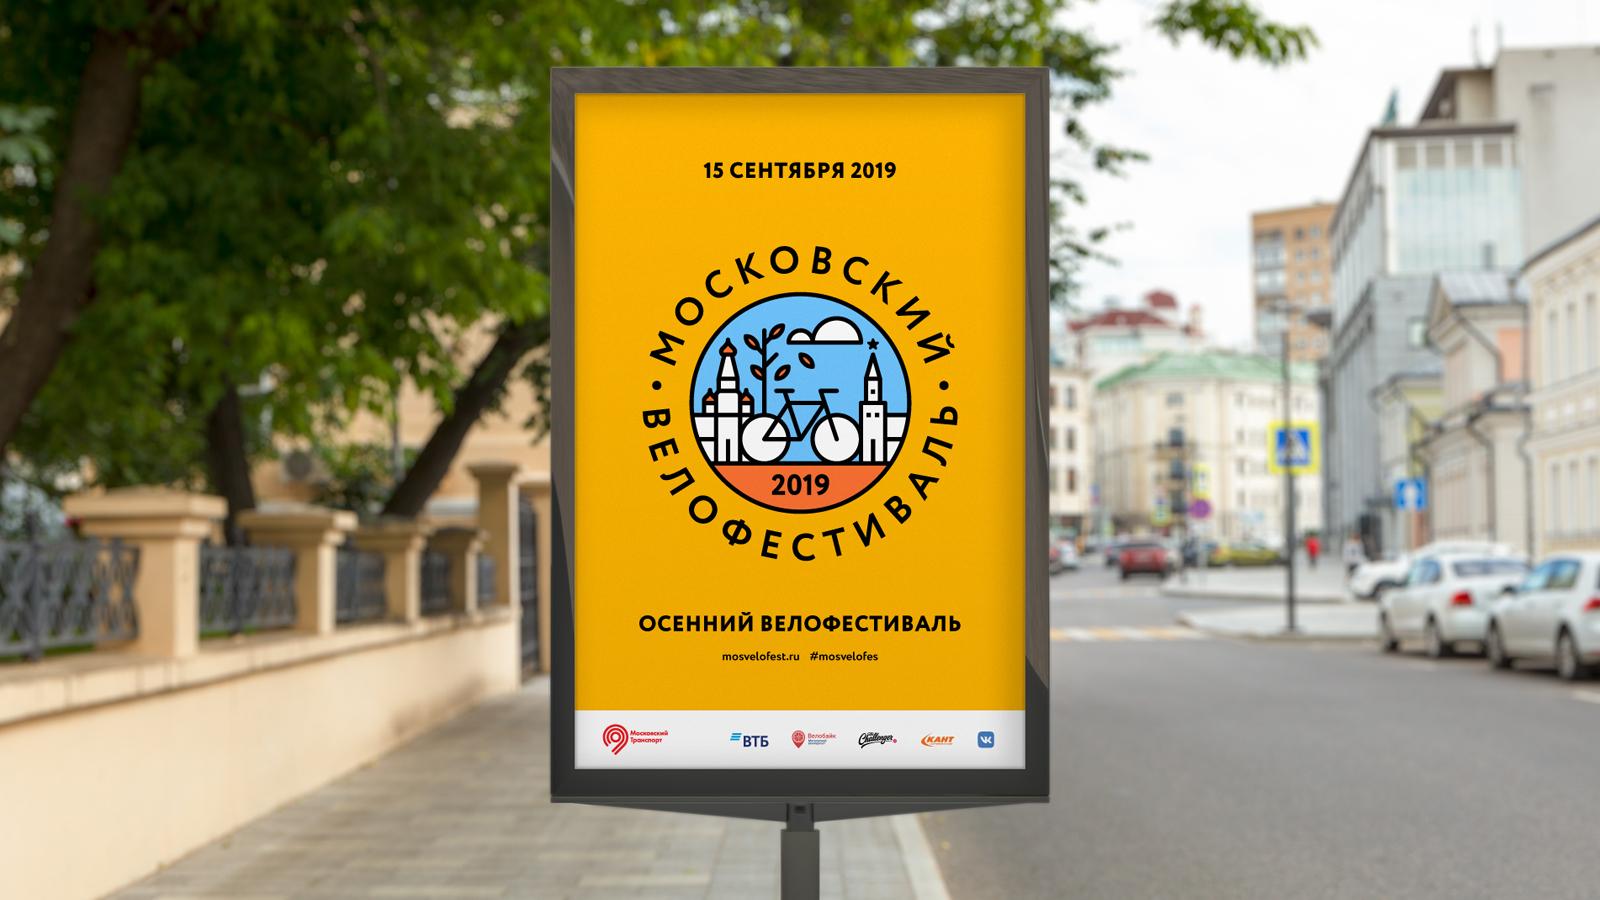 Дизайн рекламы Московского Велофестиваля позволяет привлечь внимание горожан к событию.